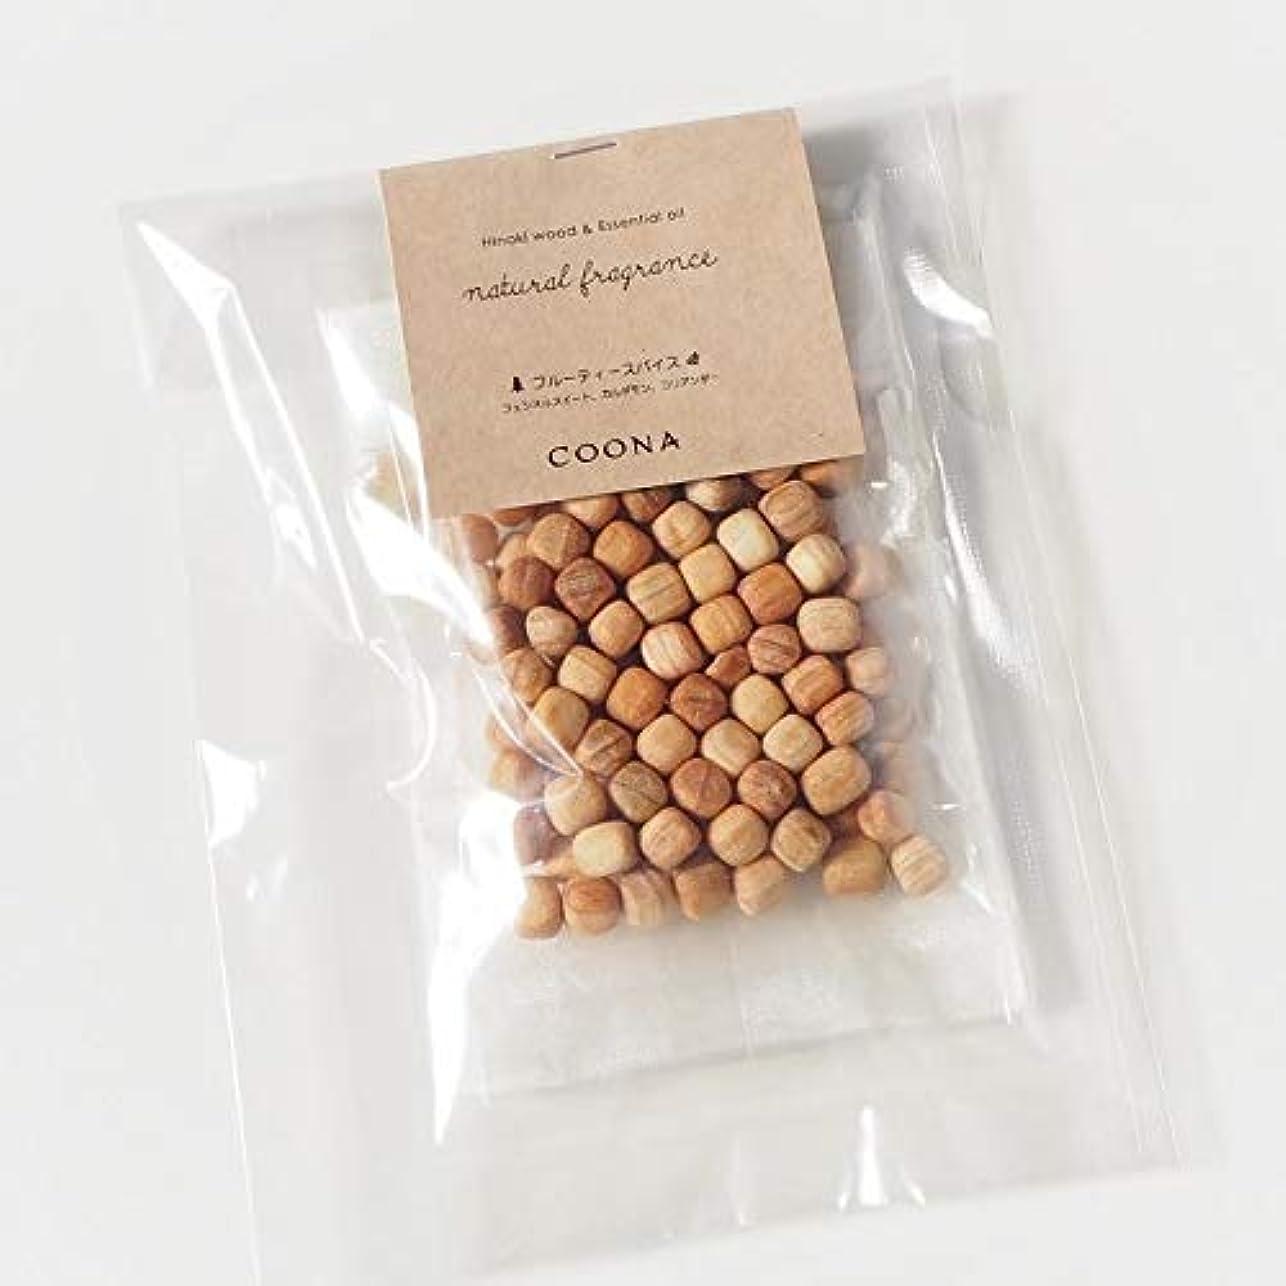 境界栄養深いヒノキ ウッド& エッセンシャルオイル ナチュラルフレグランス (オーガンジーバッグ付き, 樹の香り)